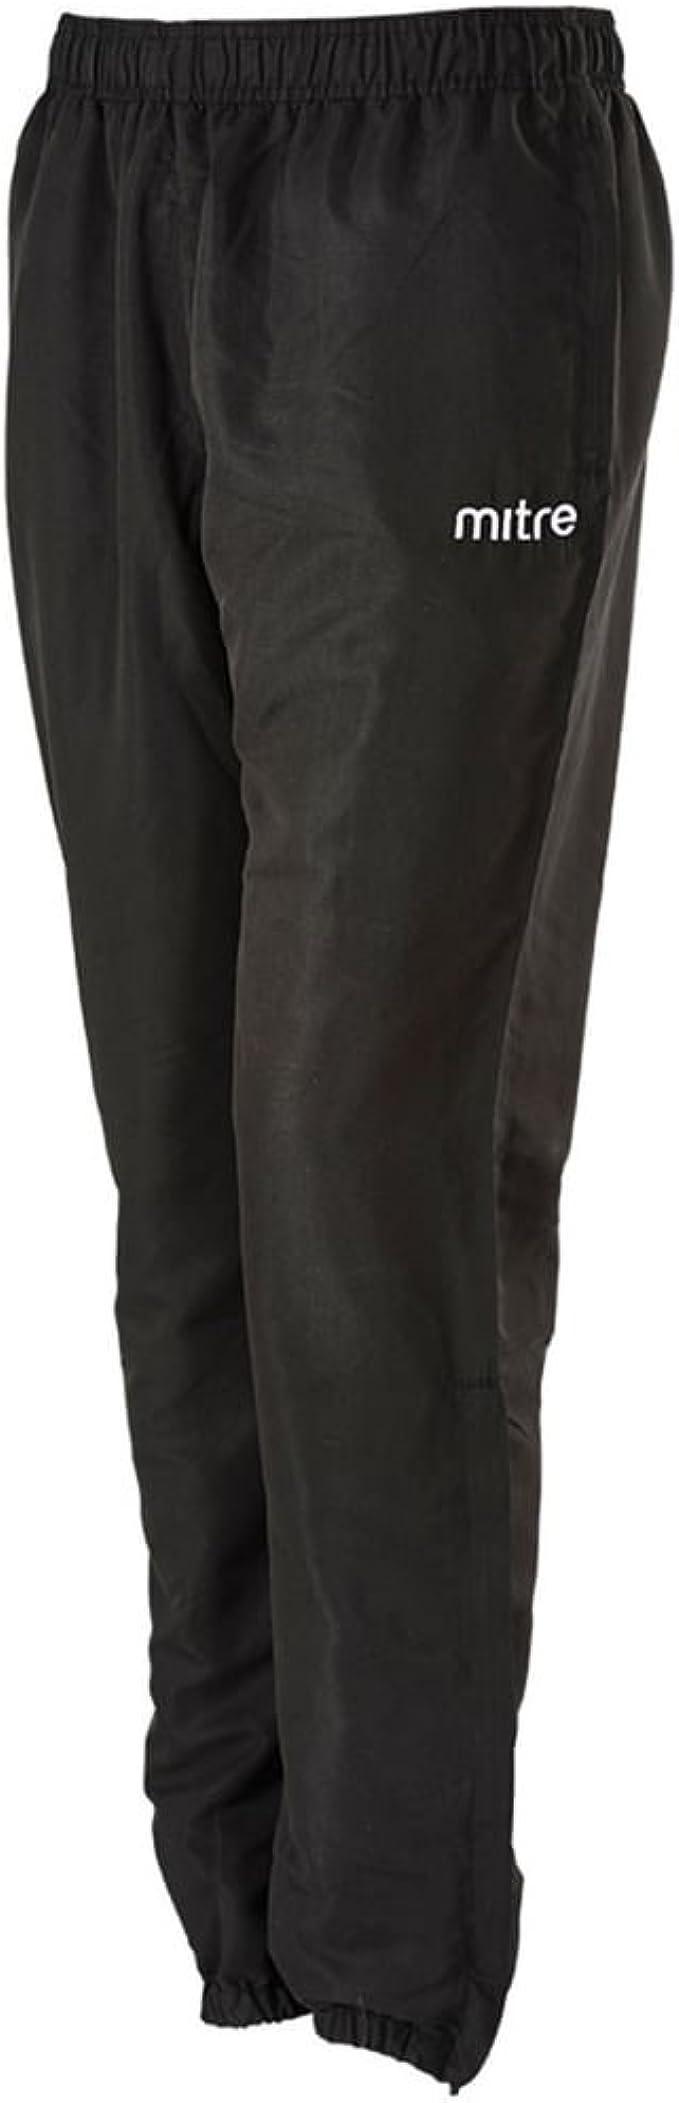 Mitre Primero Pantalones de Chándal para Entrenamiento, Unisex ...